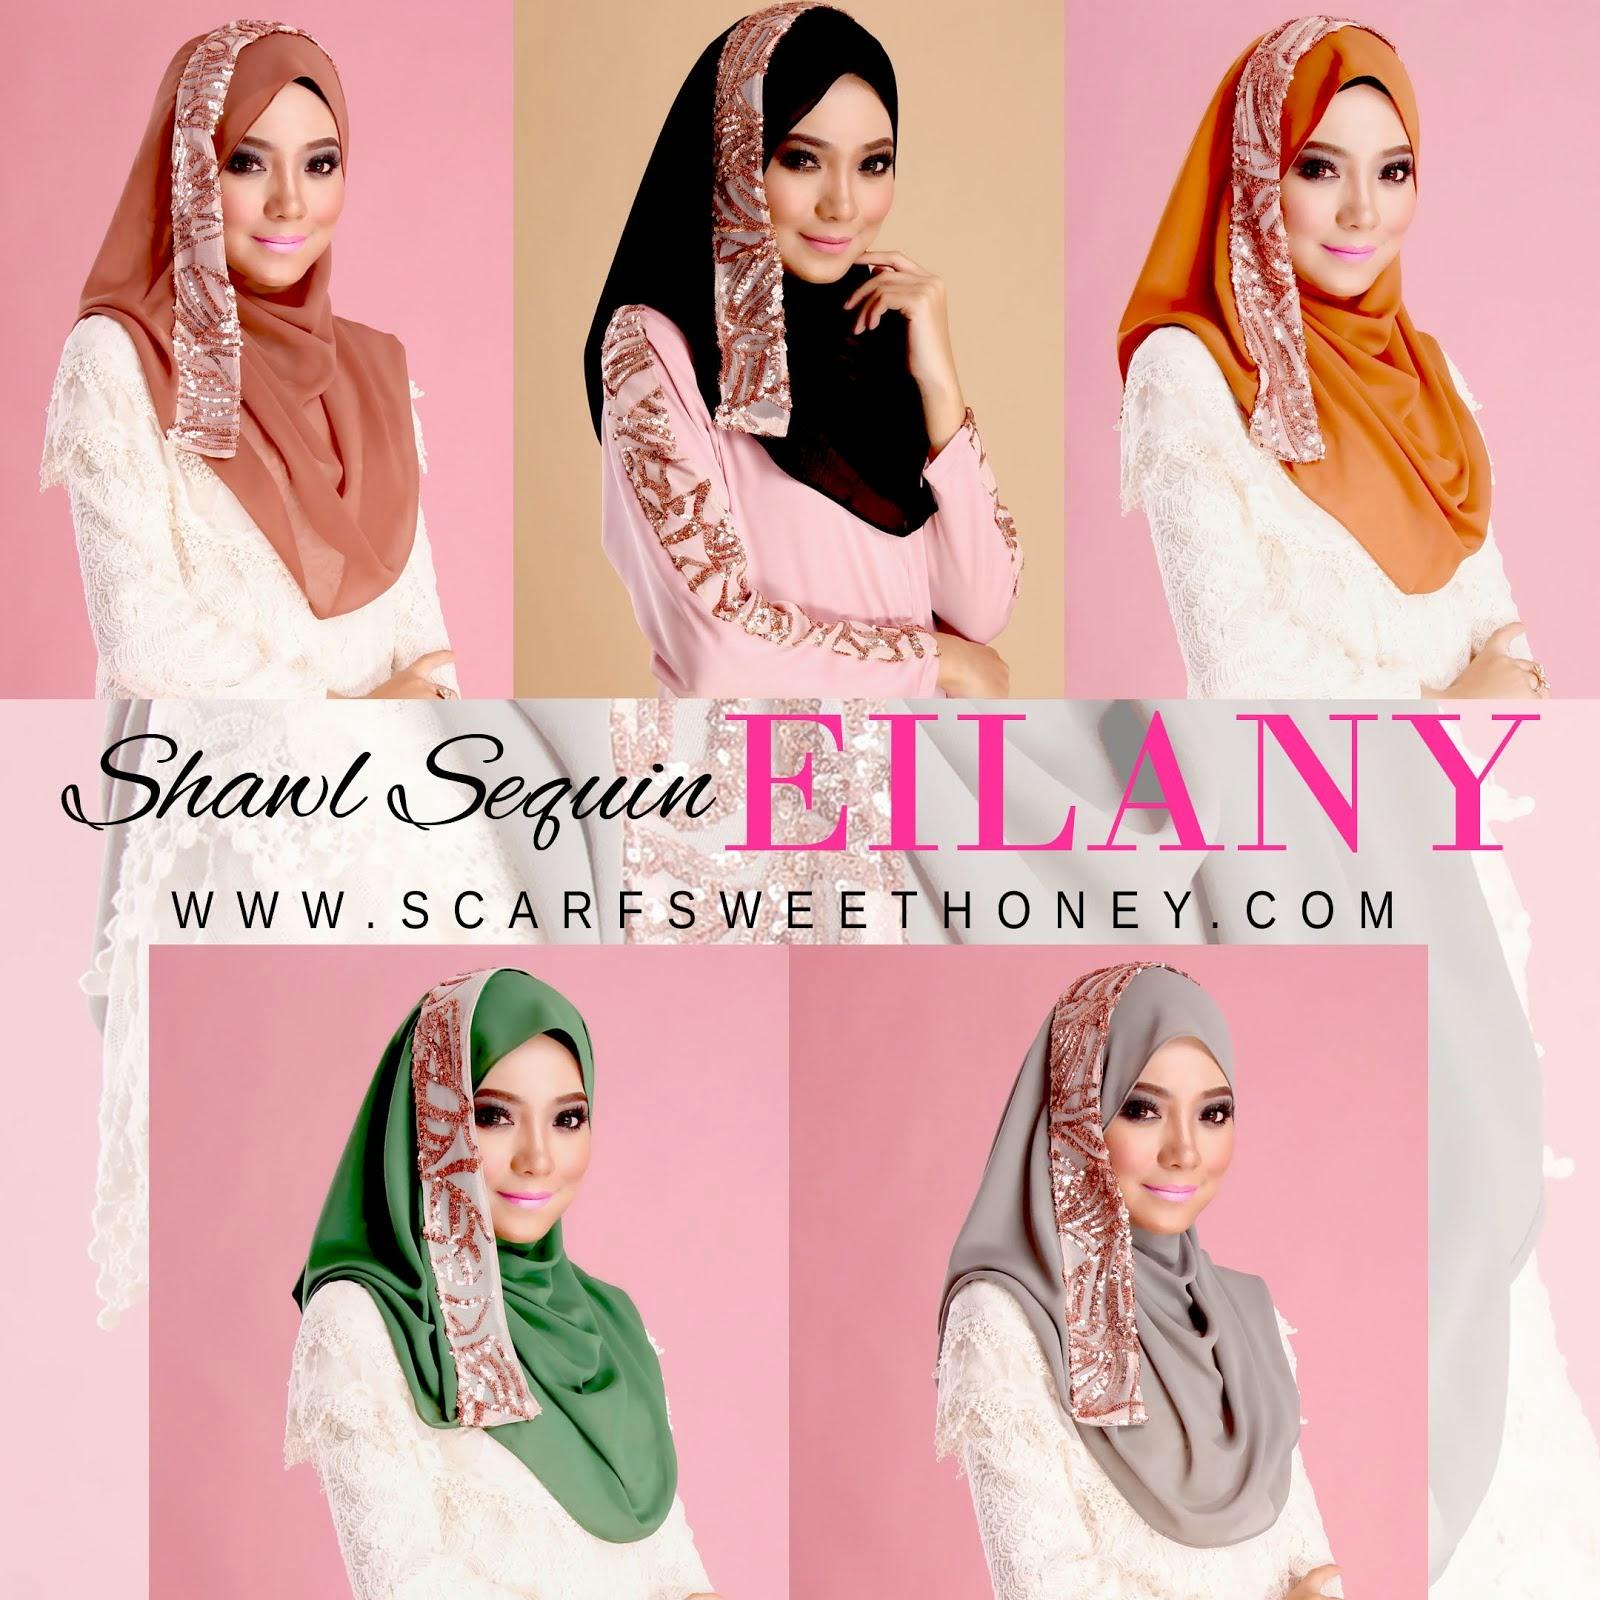 EILANY